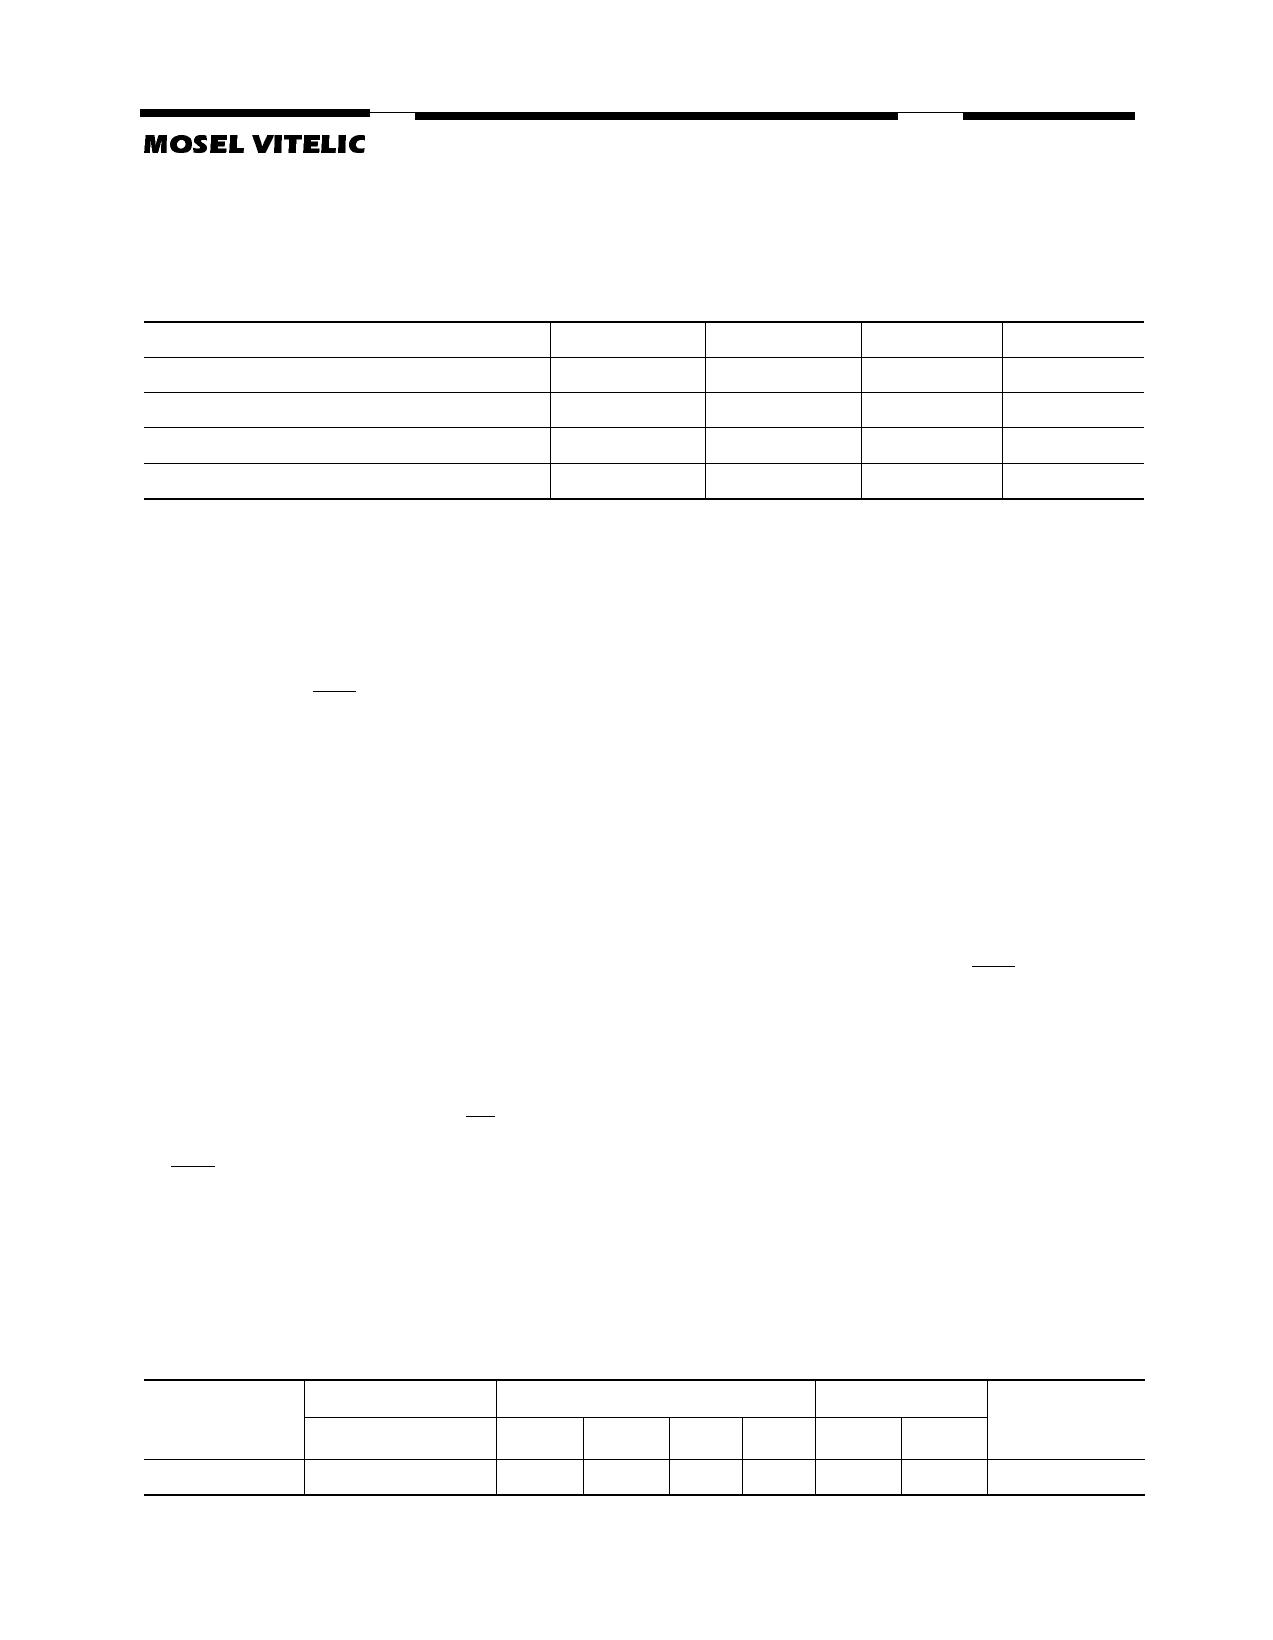 V58C2128804S datasheet